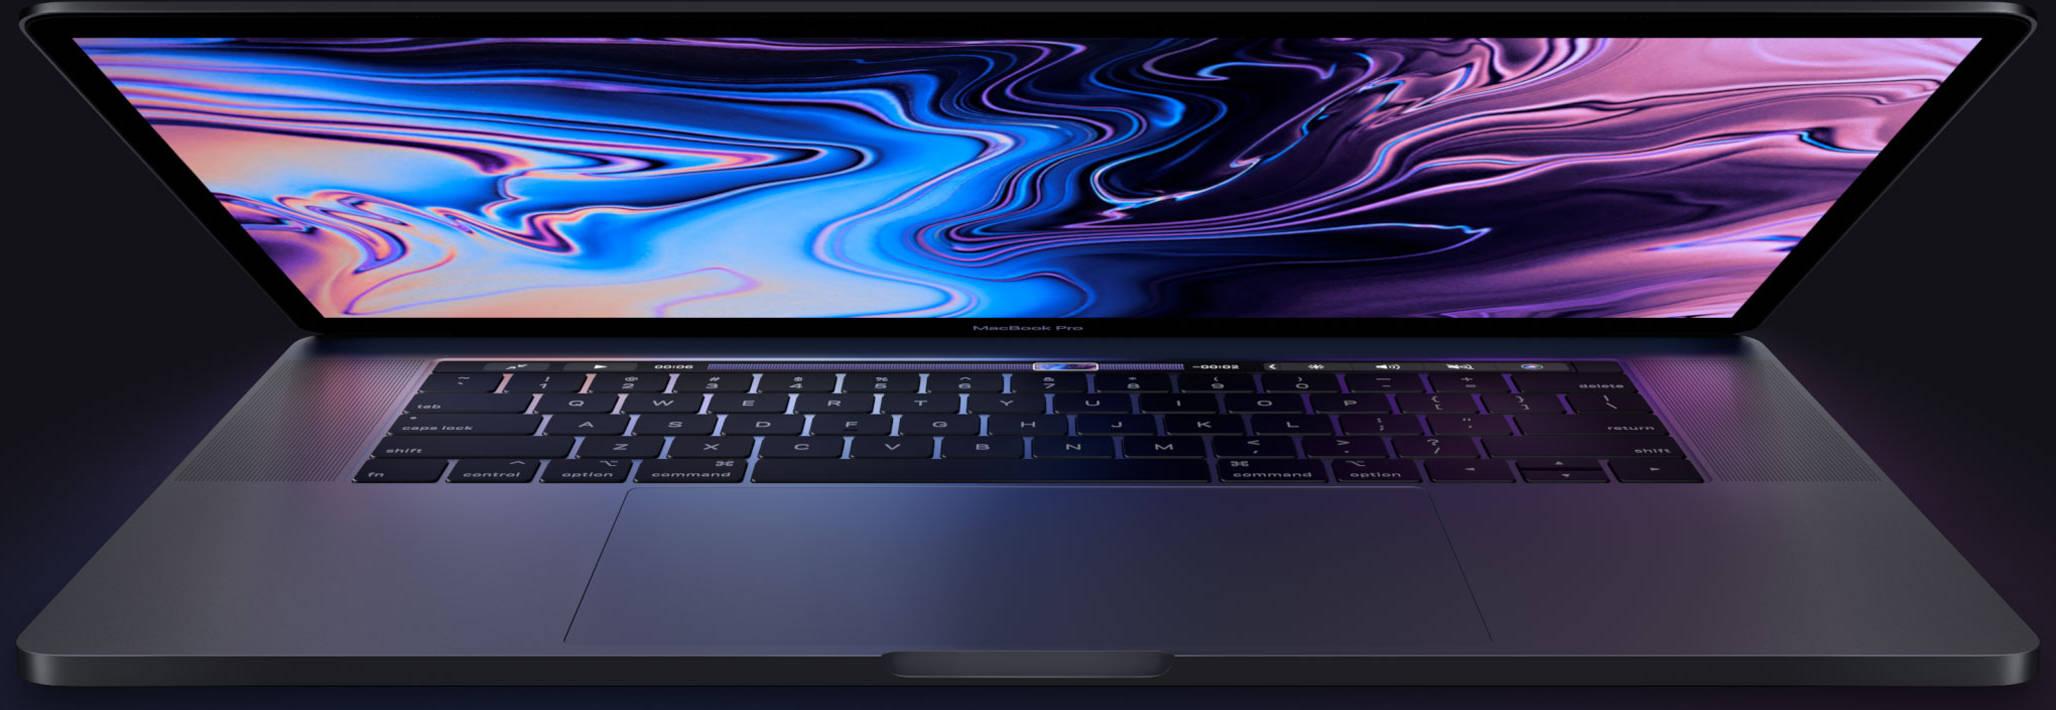 Apple nowy MacBook Pro 13 2019 cena opinie gdzie kupić najtaniej w Polsce specyfikacja techniczna